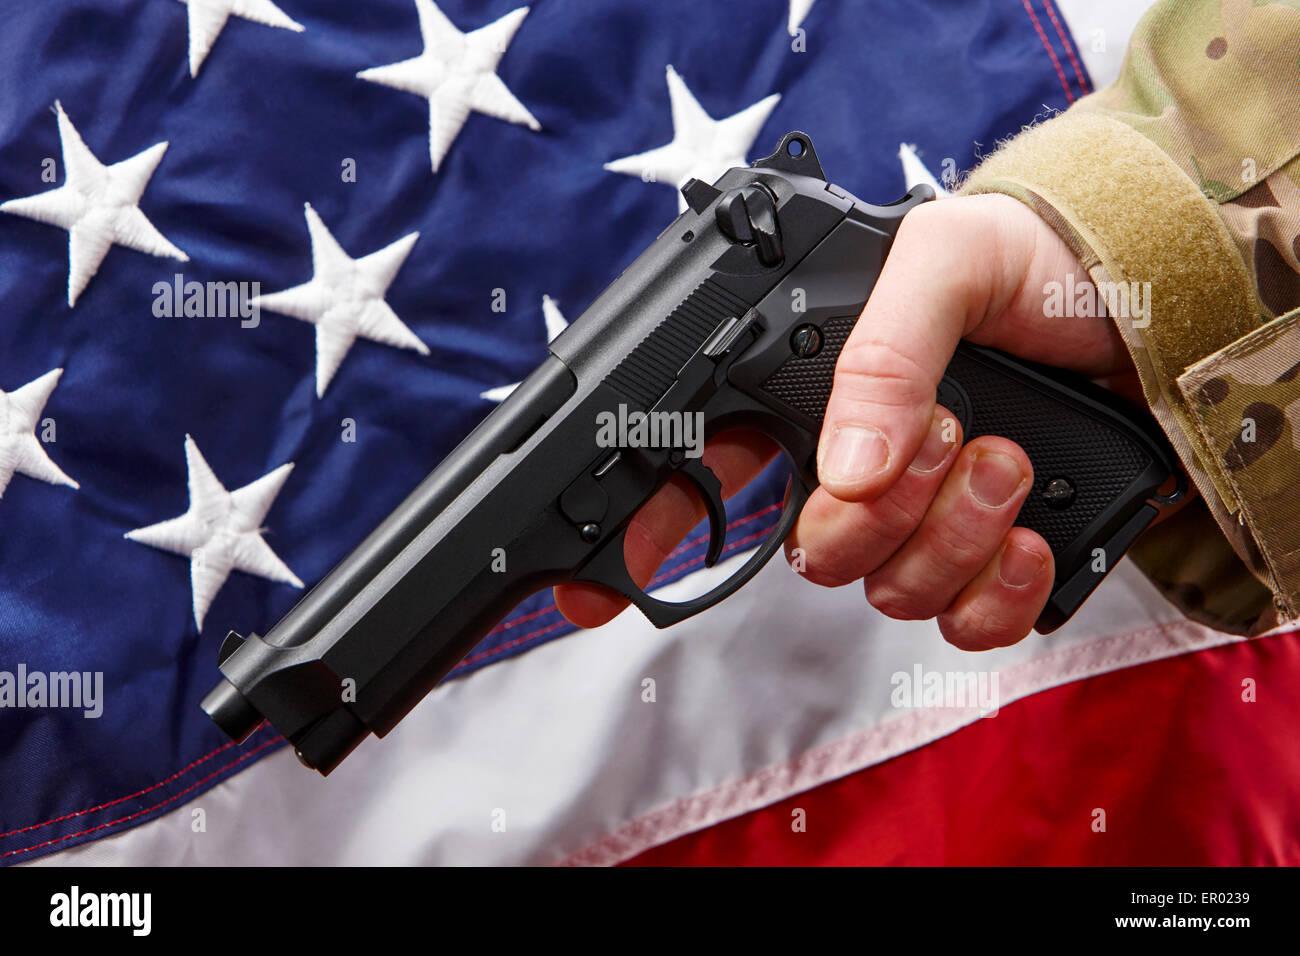 Mann in Strapazen holding Beretta Pistole vor Vereinigte Staaten von Amerika Flagge Stockbild